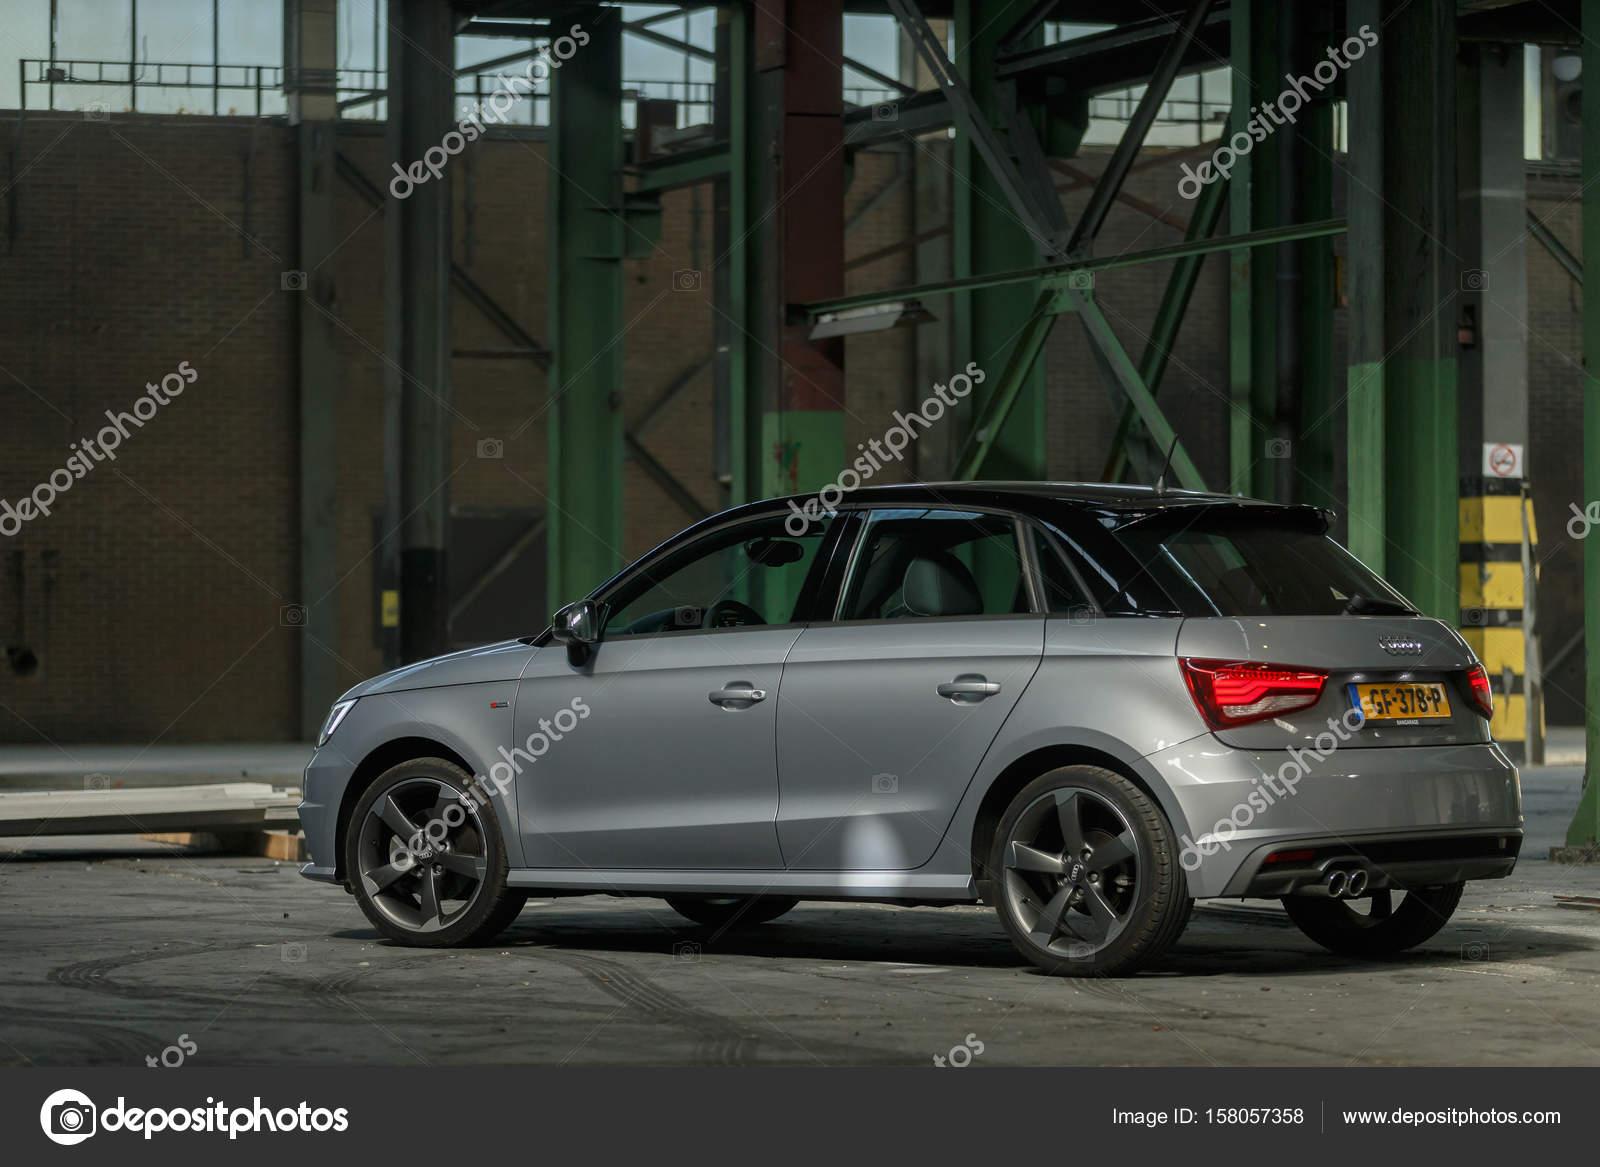 Fotos De Proprietario Audi Imagem Para Proprietario Audi Melhores Imagens Depositphotos